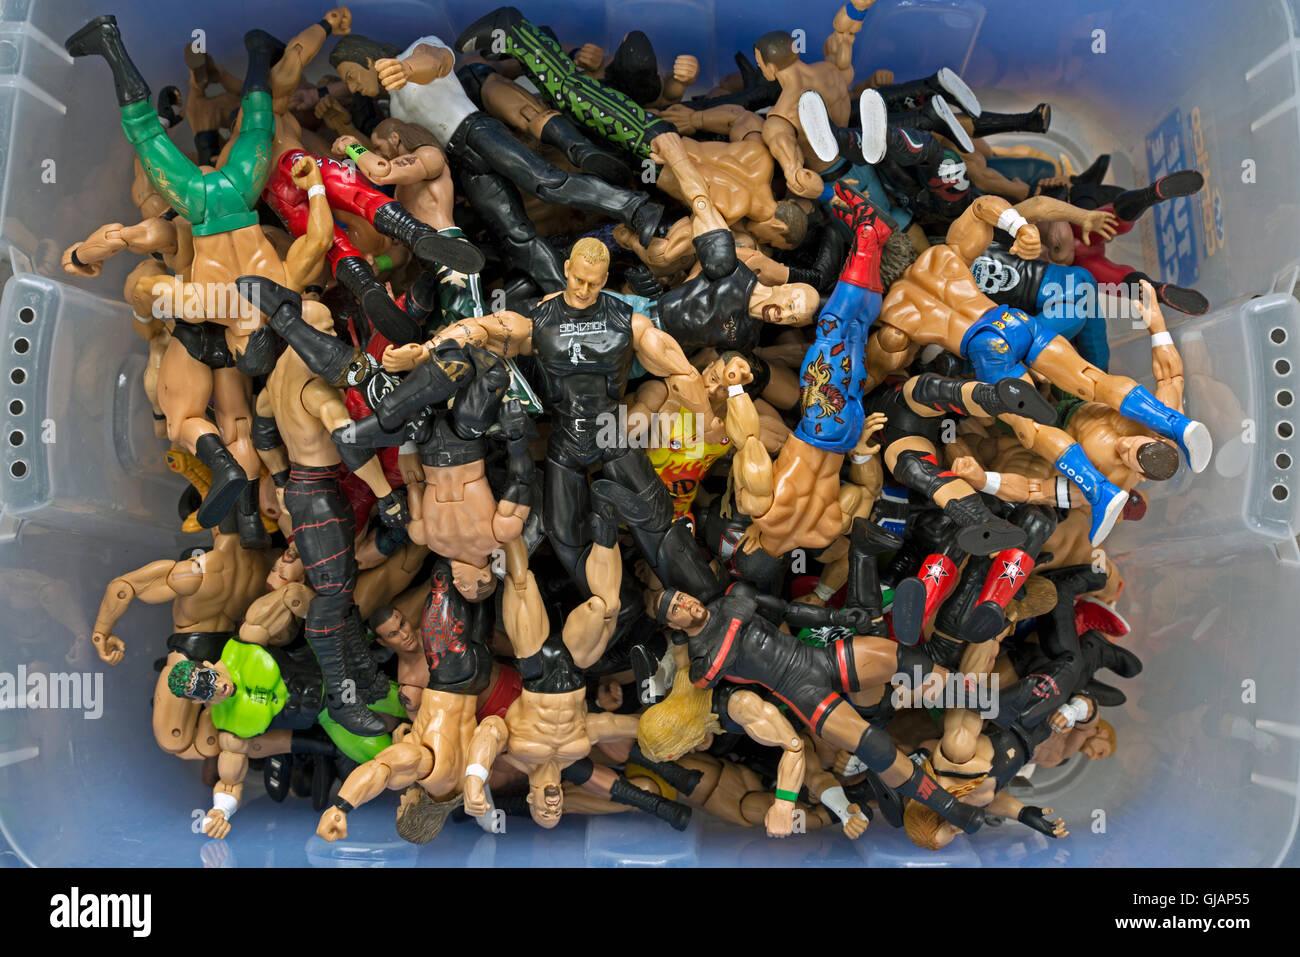 Tub Toys Stock Photos & Tub Toys Stock Images - Alamy